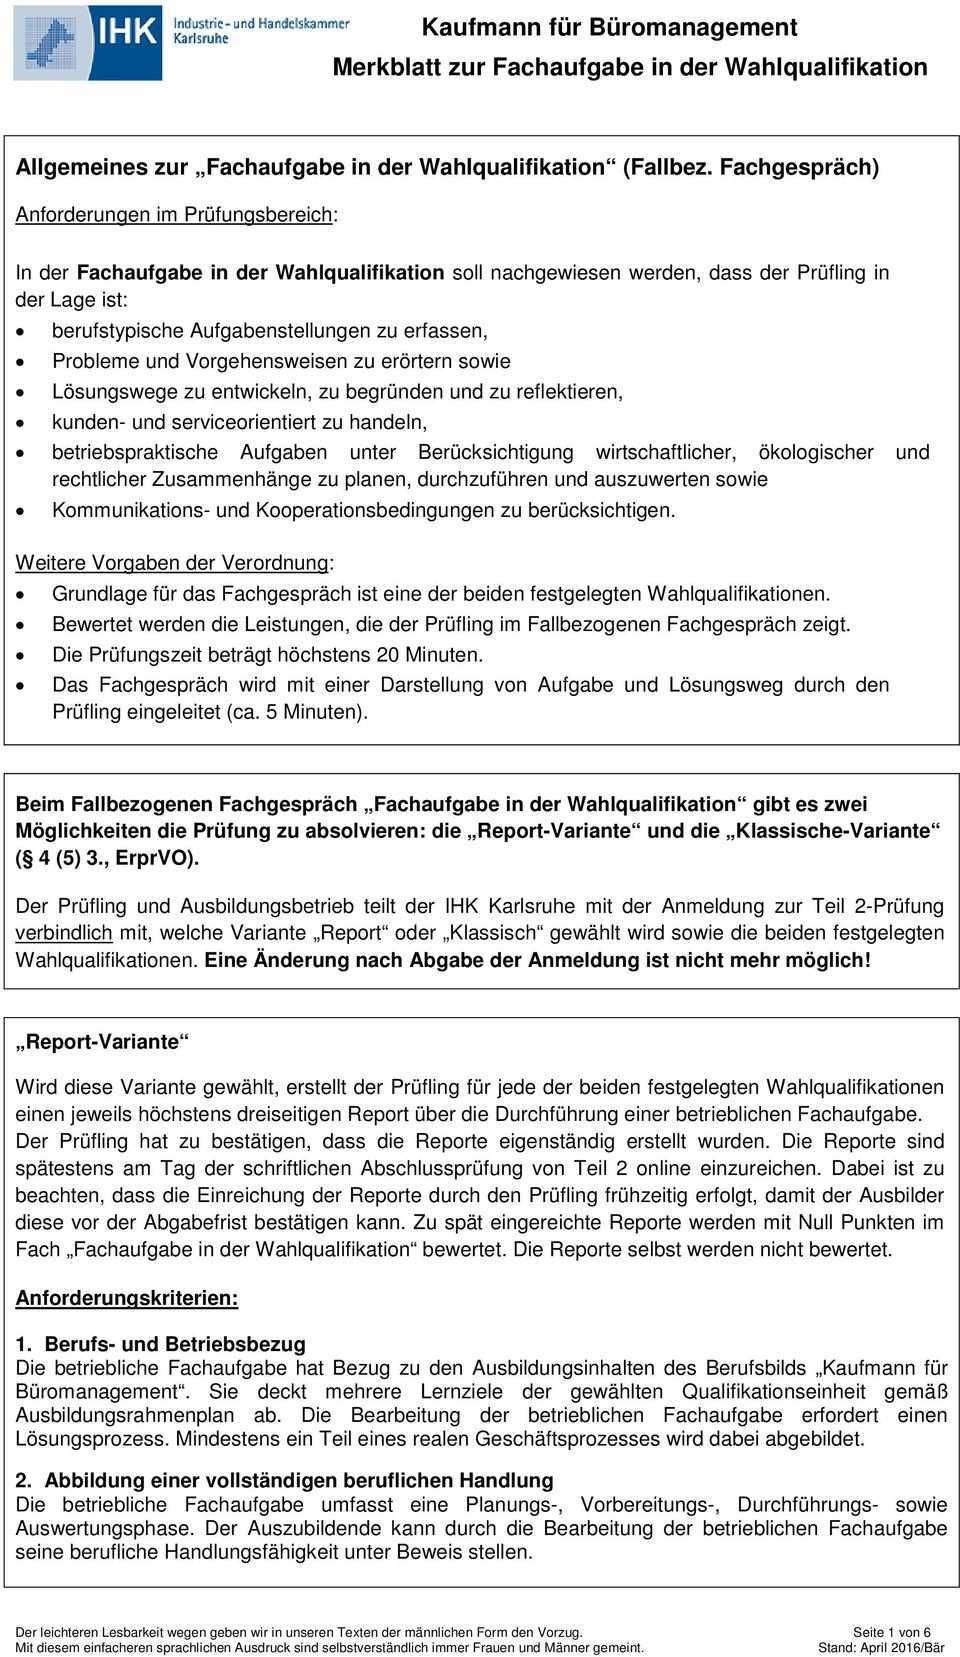 Kaufmann Fur Buromanagement Merkblatt Zur Fachaufgabe In Der Wahlqualifikation Pdf Free Download